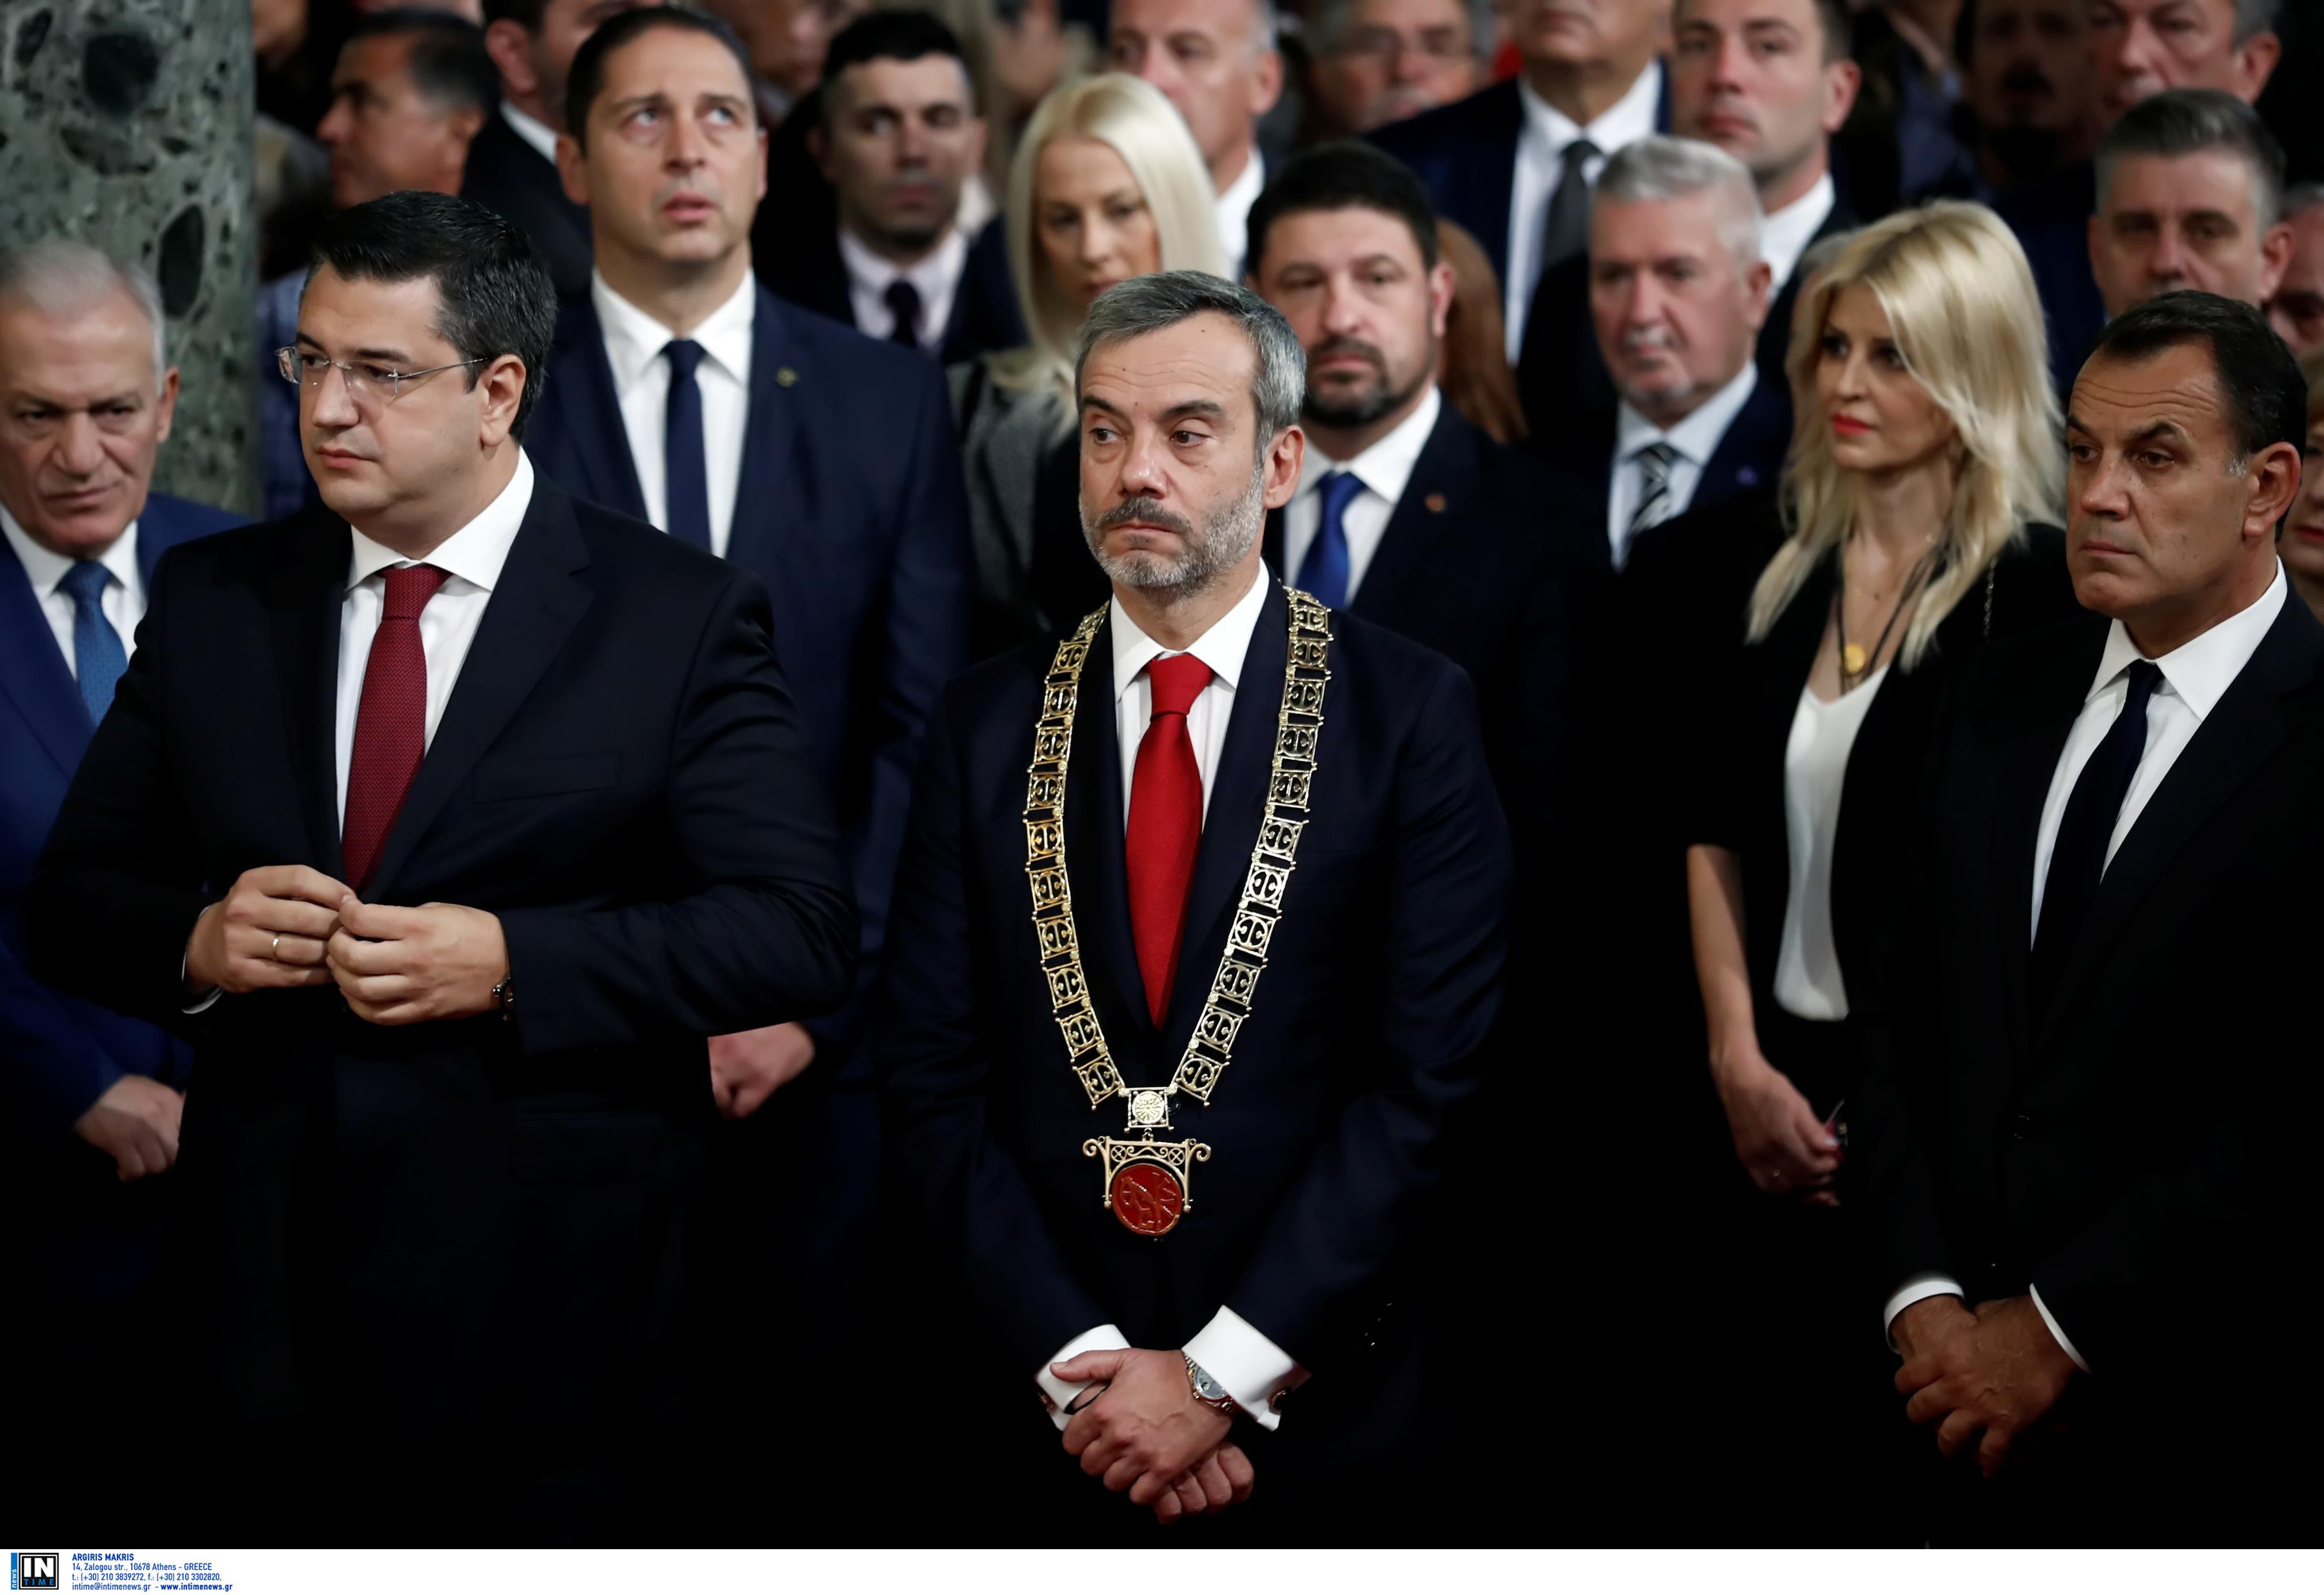 Θεσσαλονίκη: Μηνύματα επισήμων μετά τη δοξολογία στον Άγιο Δημήτριο